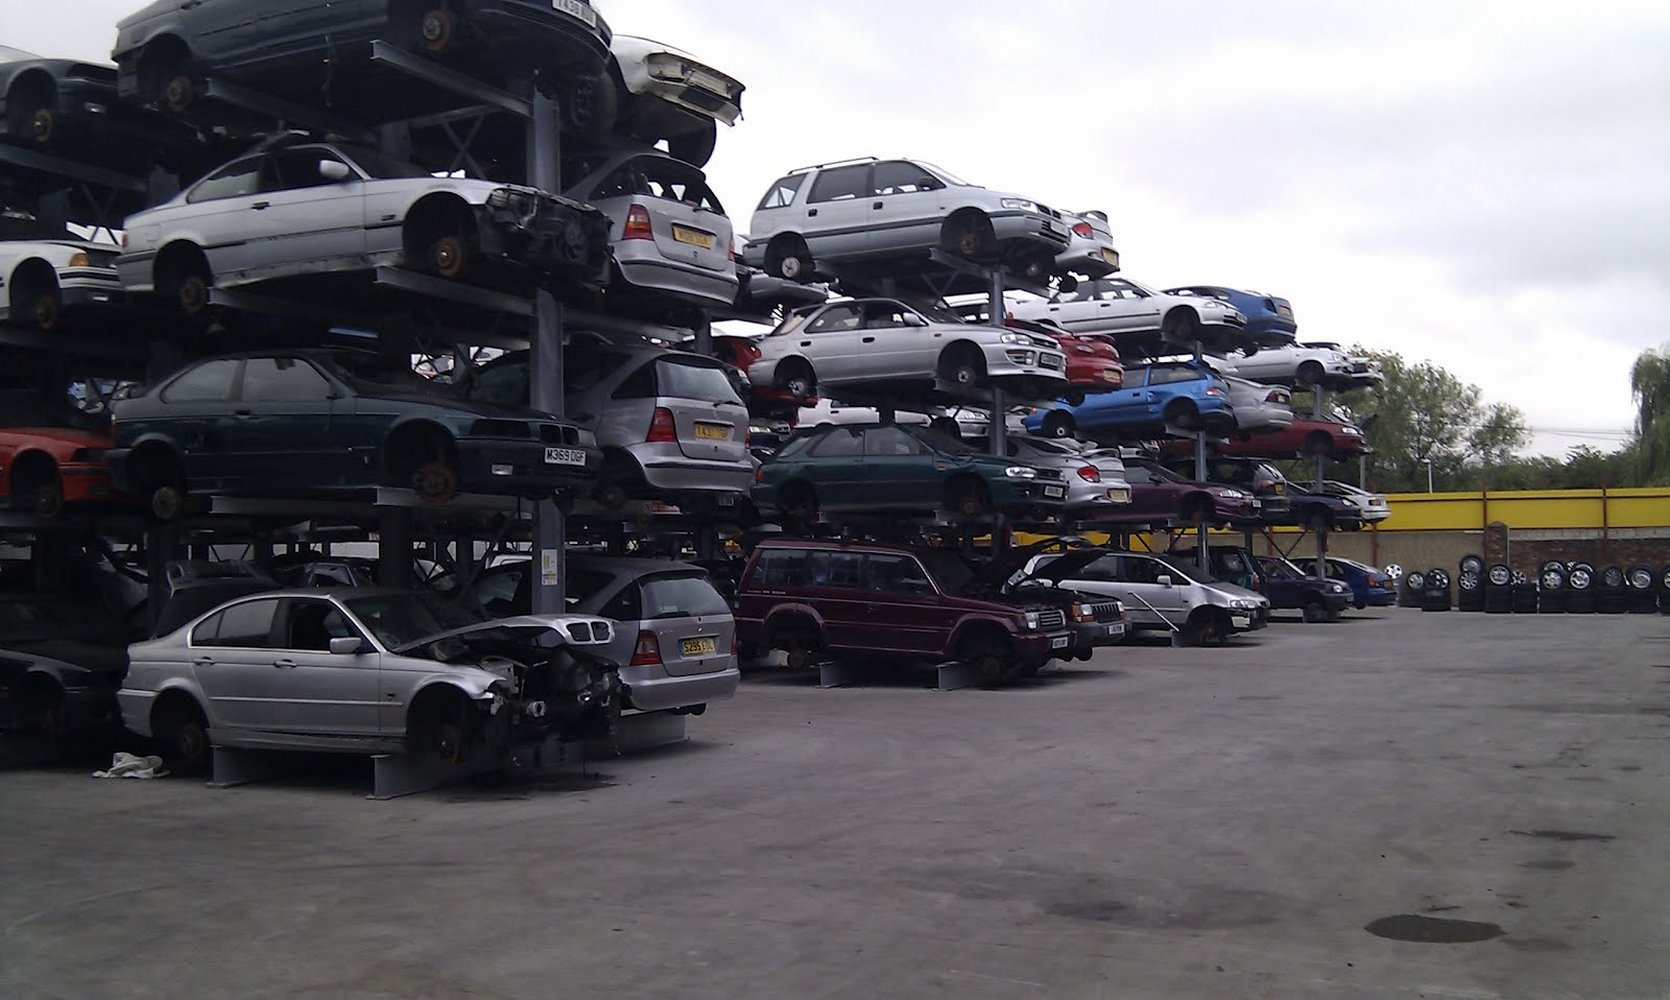 Особенности свалок машин в Японии